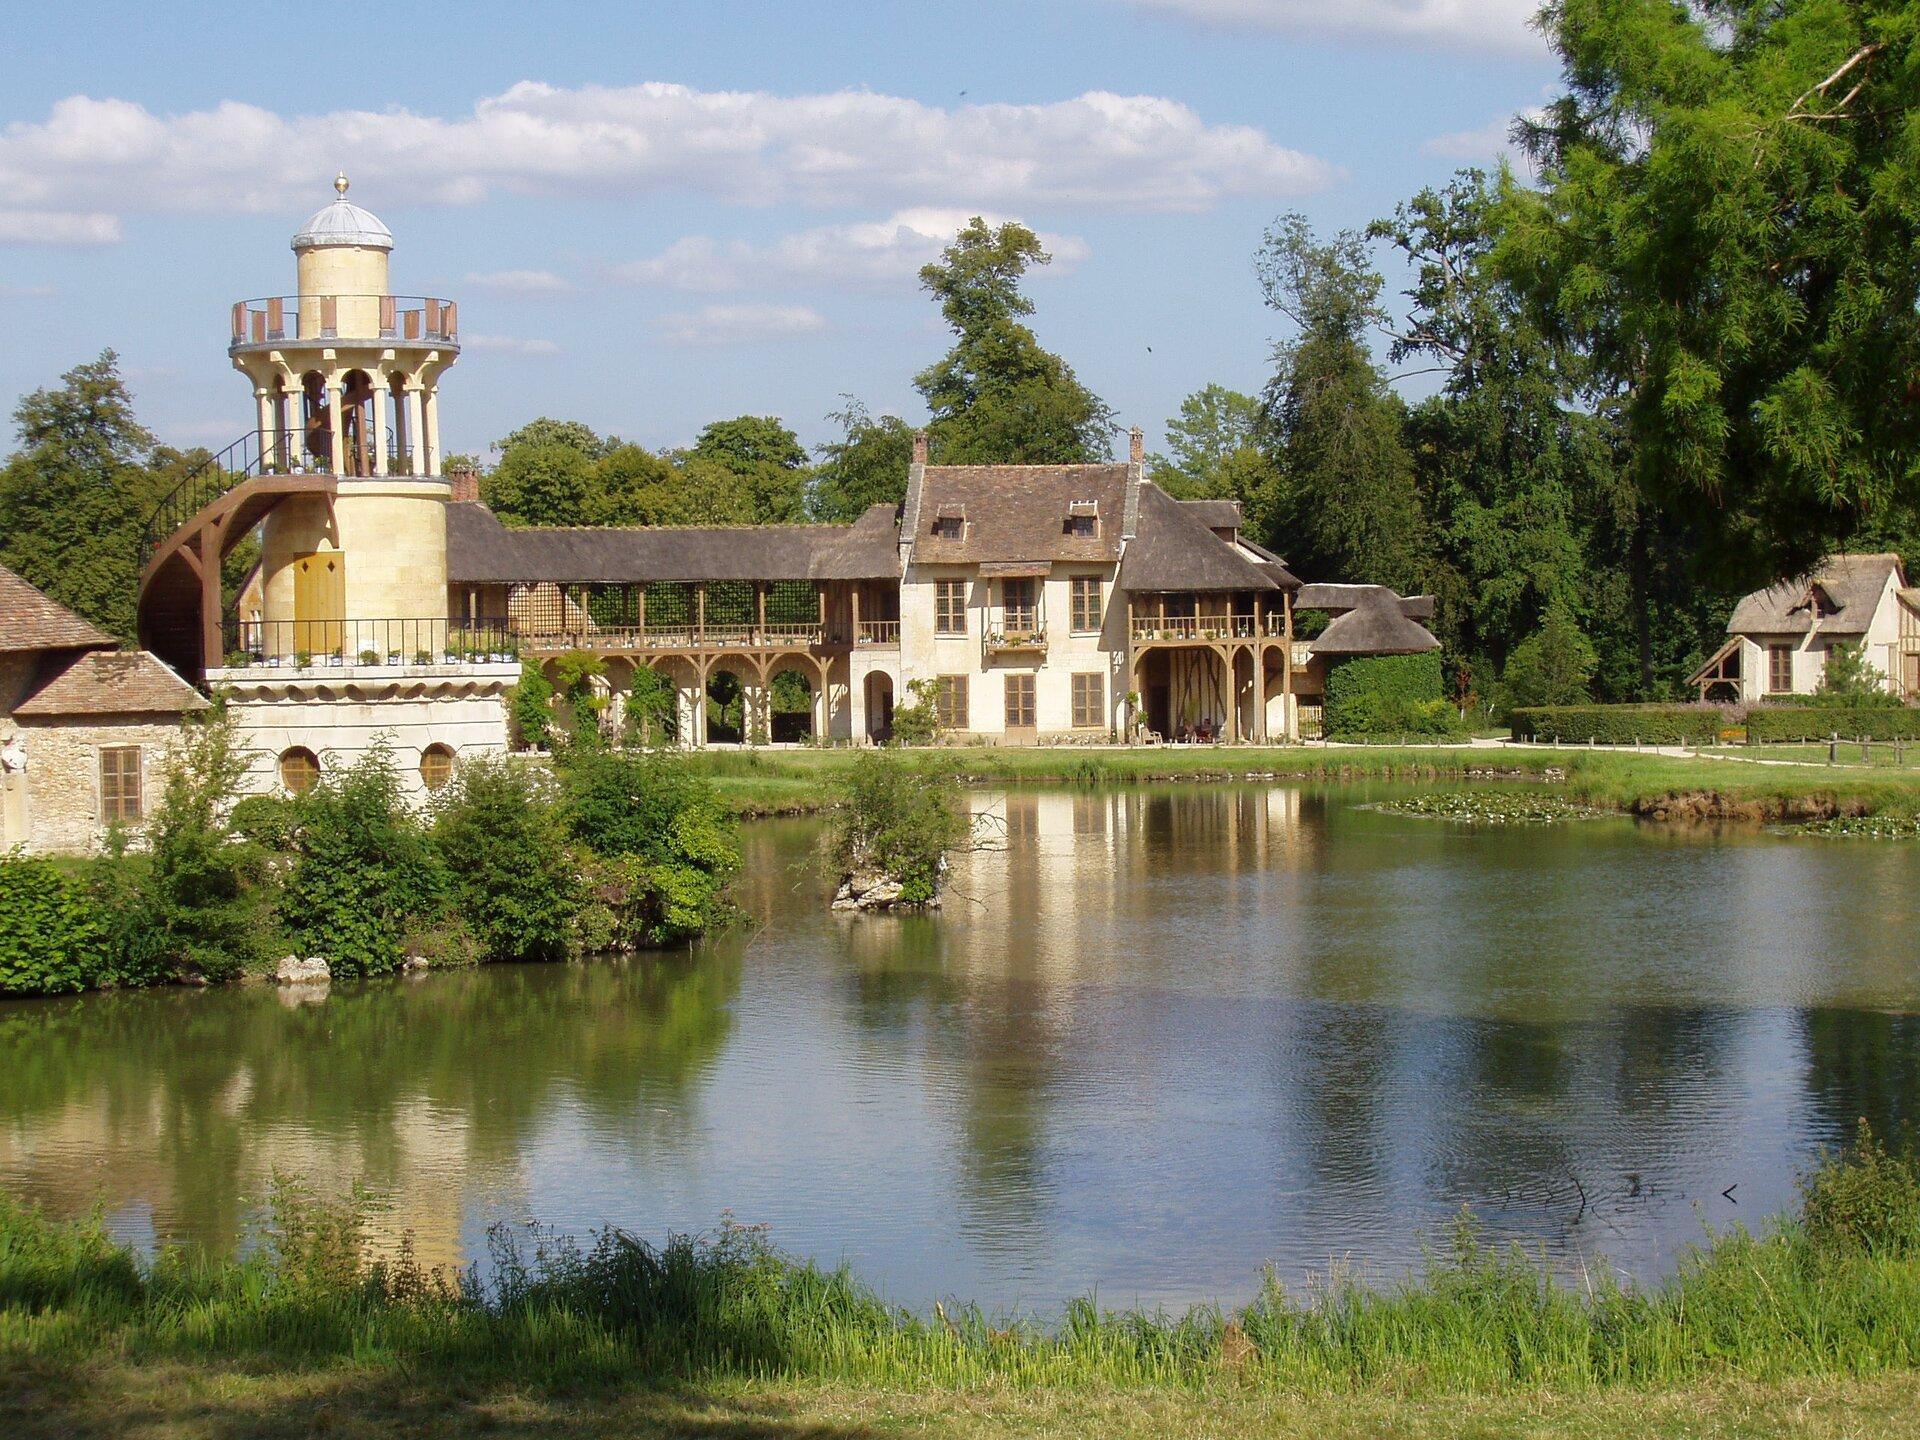 Wioska Marii Antoniny wparku pałacu wersalskiego Wioska Marii Antoniny wparku pałacu wersalskiego Źródło: Daderot, Wikimedia Commons, licencja: CC BY-SA 3.0.